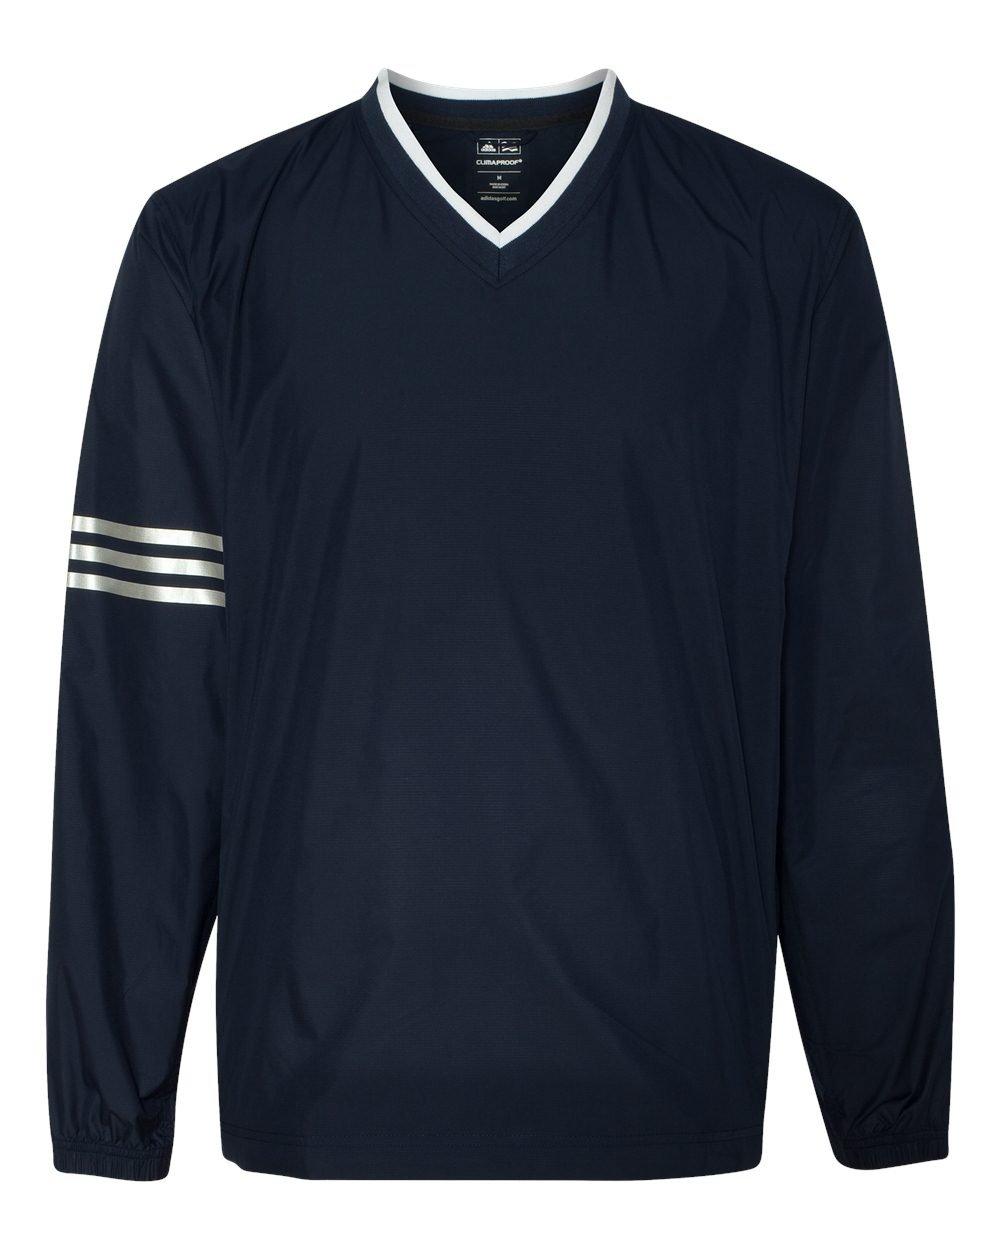 アメリカ版モデルadidas(アディダス)ゴルフクライマプルーフClimaProofウィンドカラーブロックVネックウィンドシャツA147 [並行輸入品] B01CBBT8ZI US XLサイズ|紺紺(ネイビーネイビー) 紺紺(ネイビーネイビー) US XLサイズ